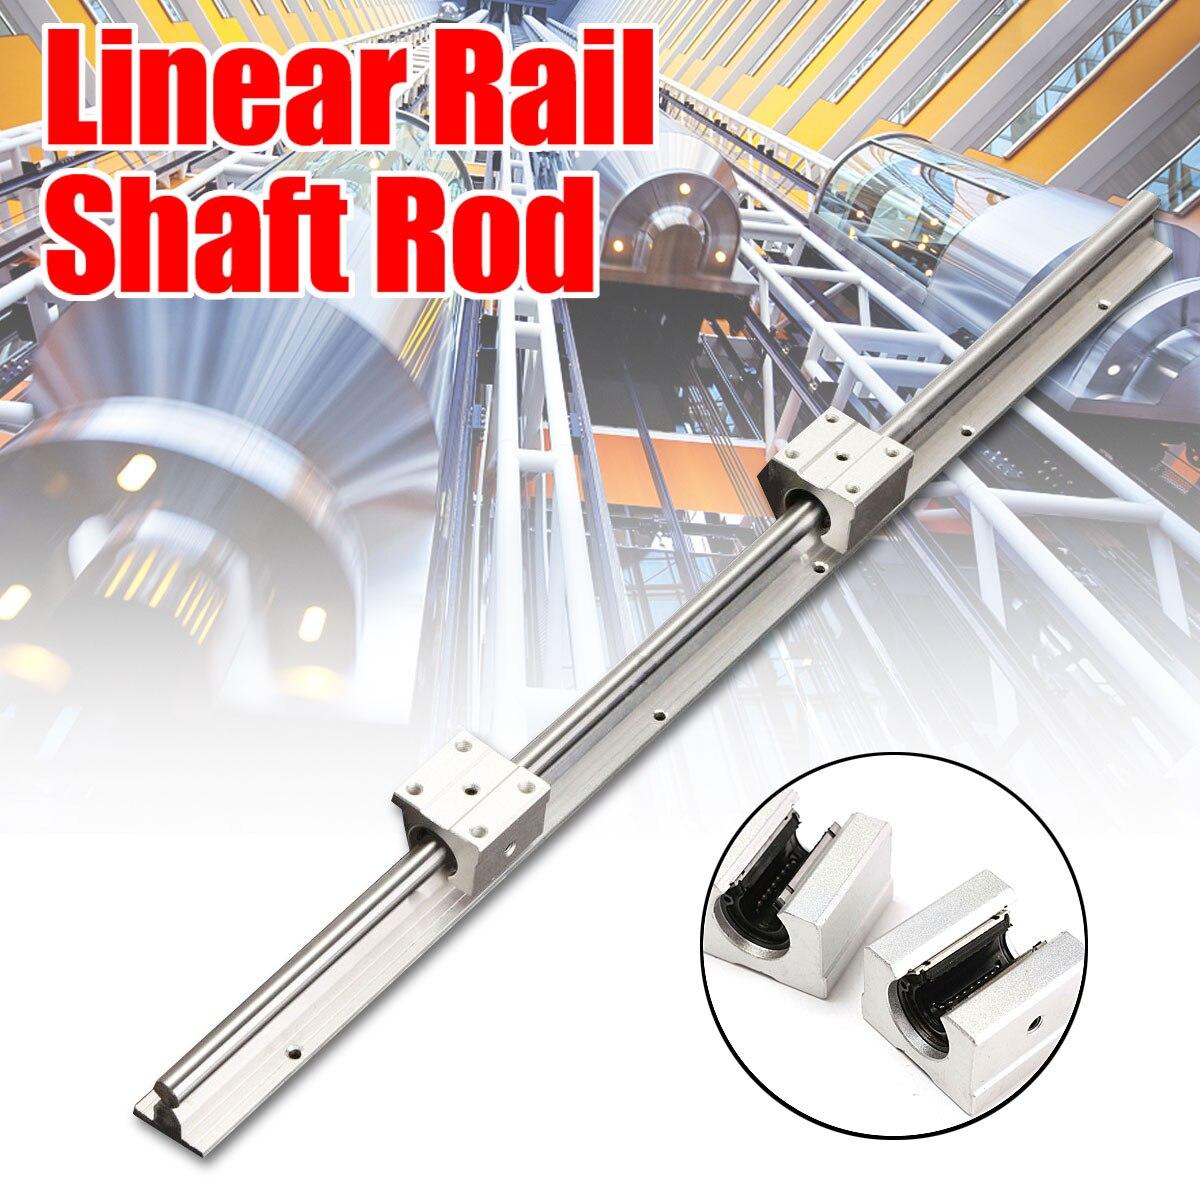 4 SBR12UU Block 2X SBR12-800mm 12MM FULLY SUPPORTED LINEAR RAIL SHAFT ROD